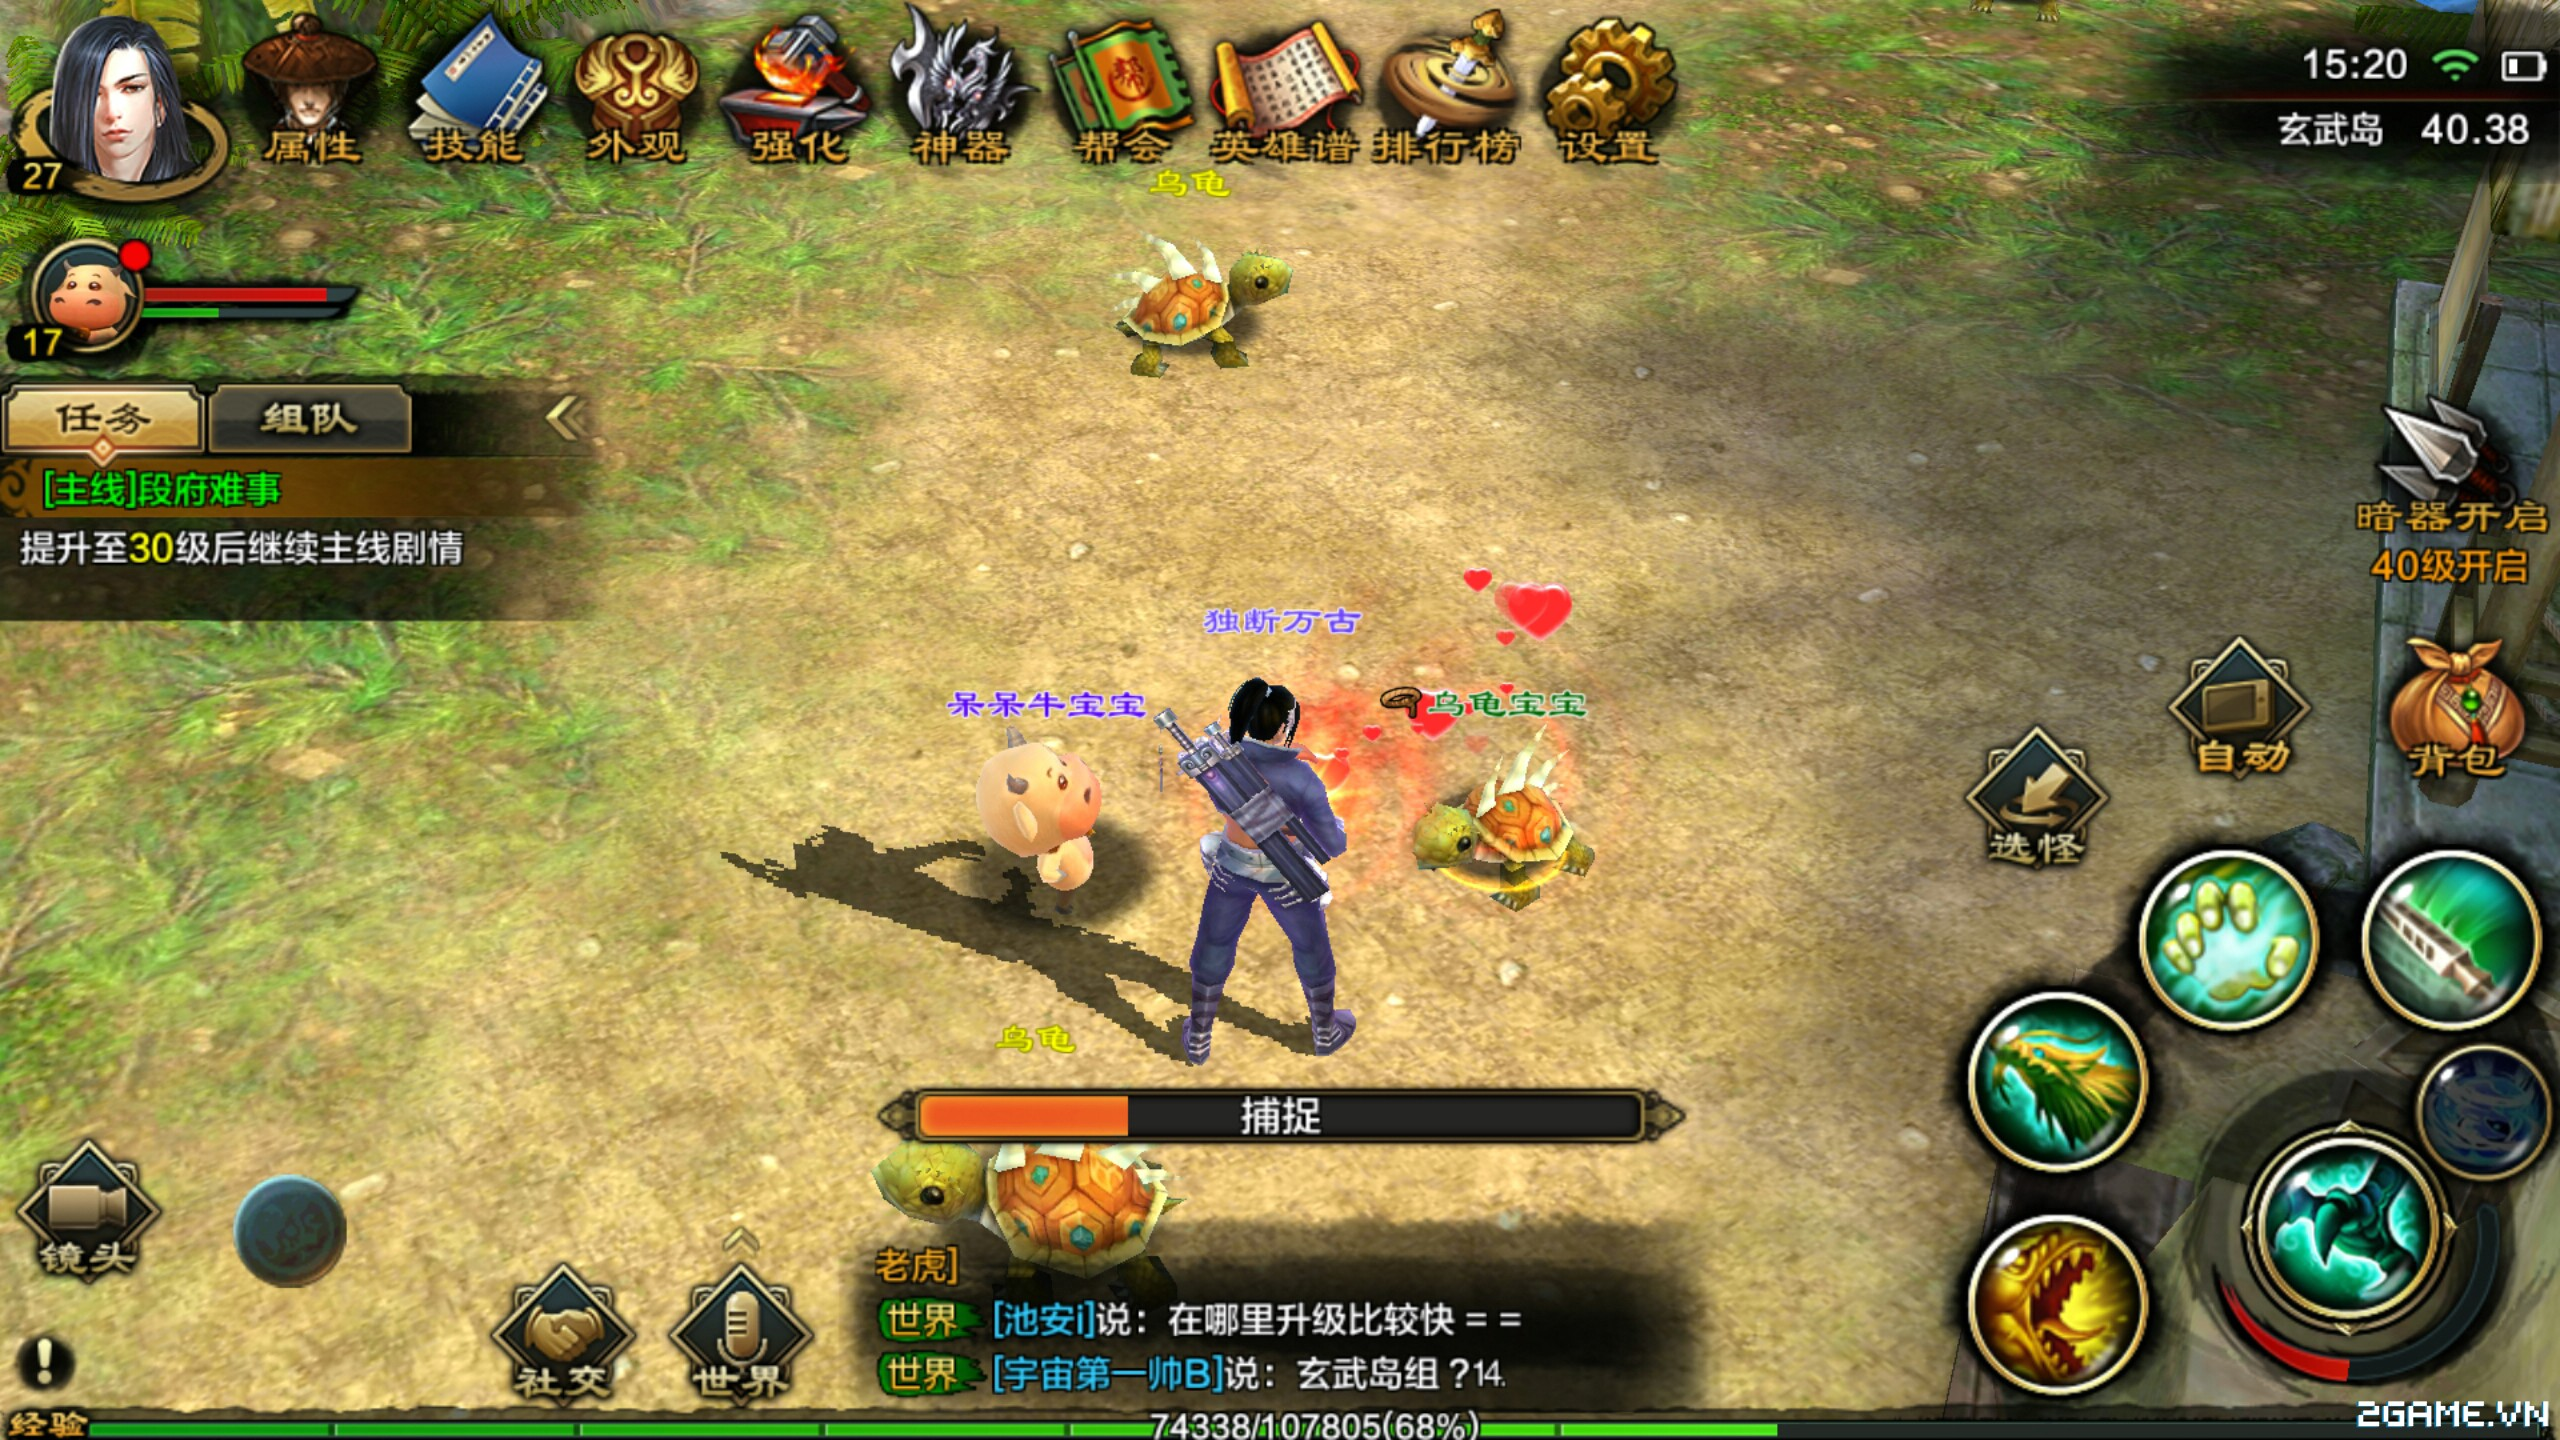 2game-thien-long-bat-bo-mobile-full-3d-ve-vn-anh-13s.jpg (2560×1440)